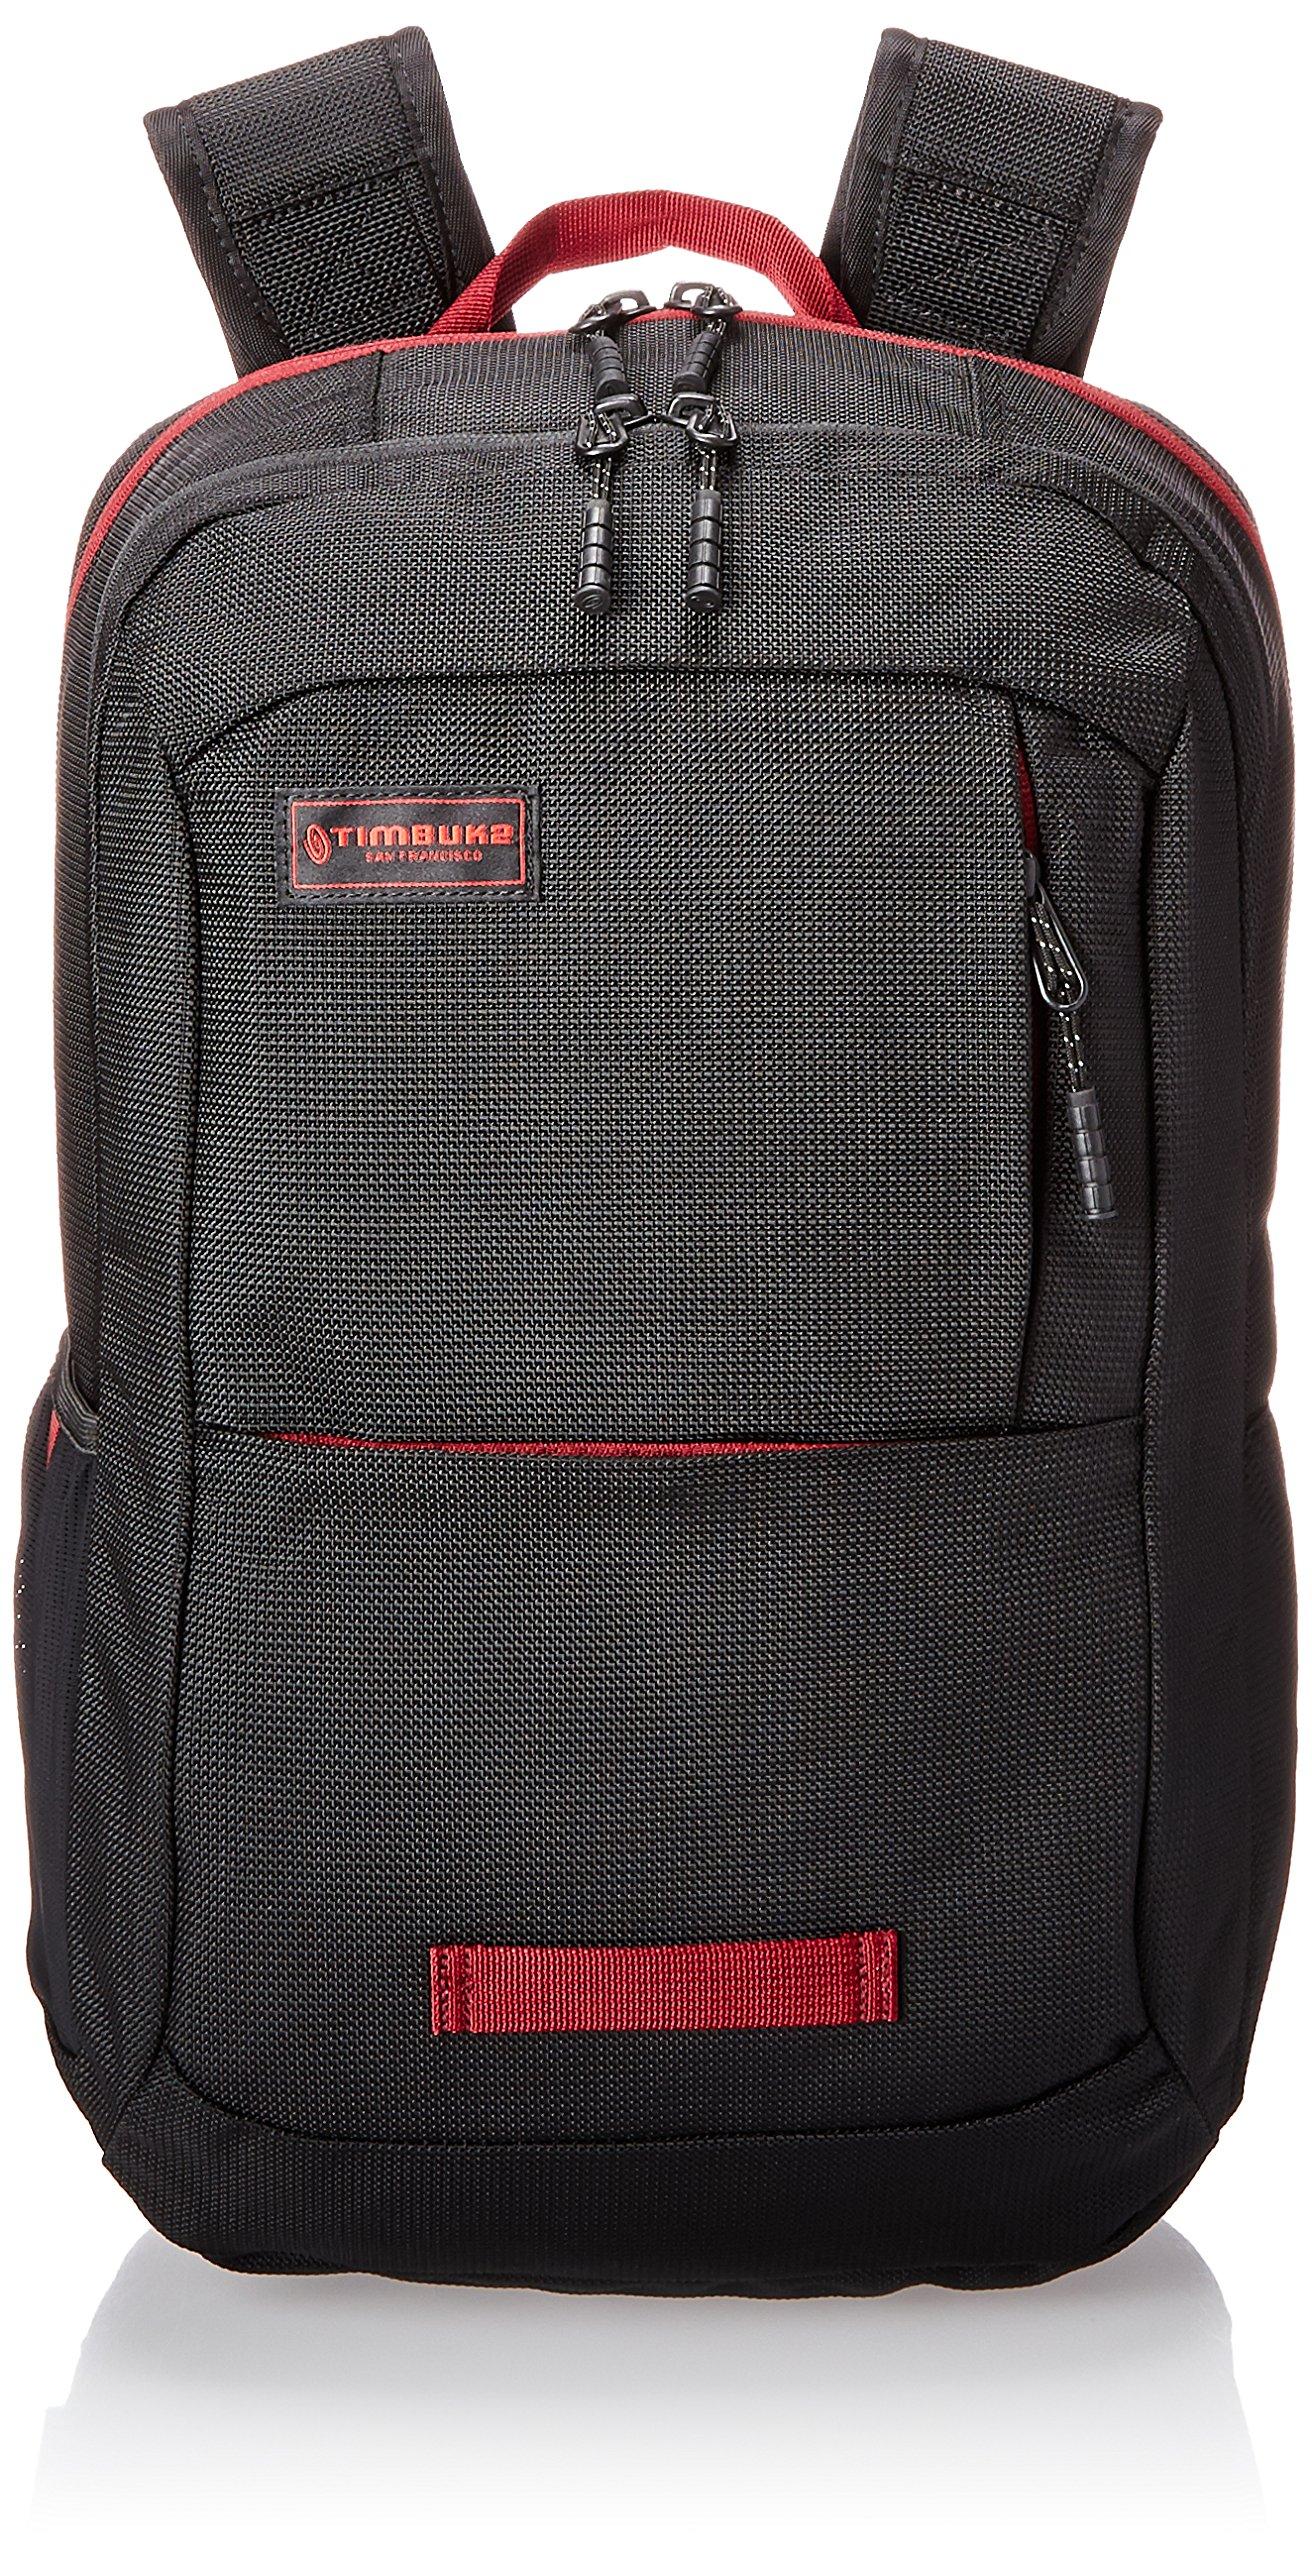 Timbuk2 384-3-1043 Parkside Laptop Backpack by Timbuk2